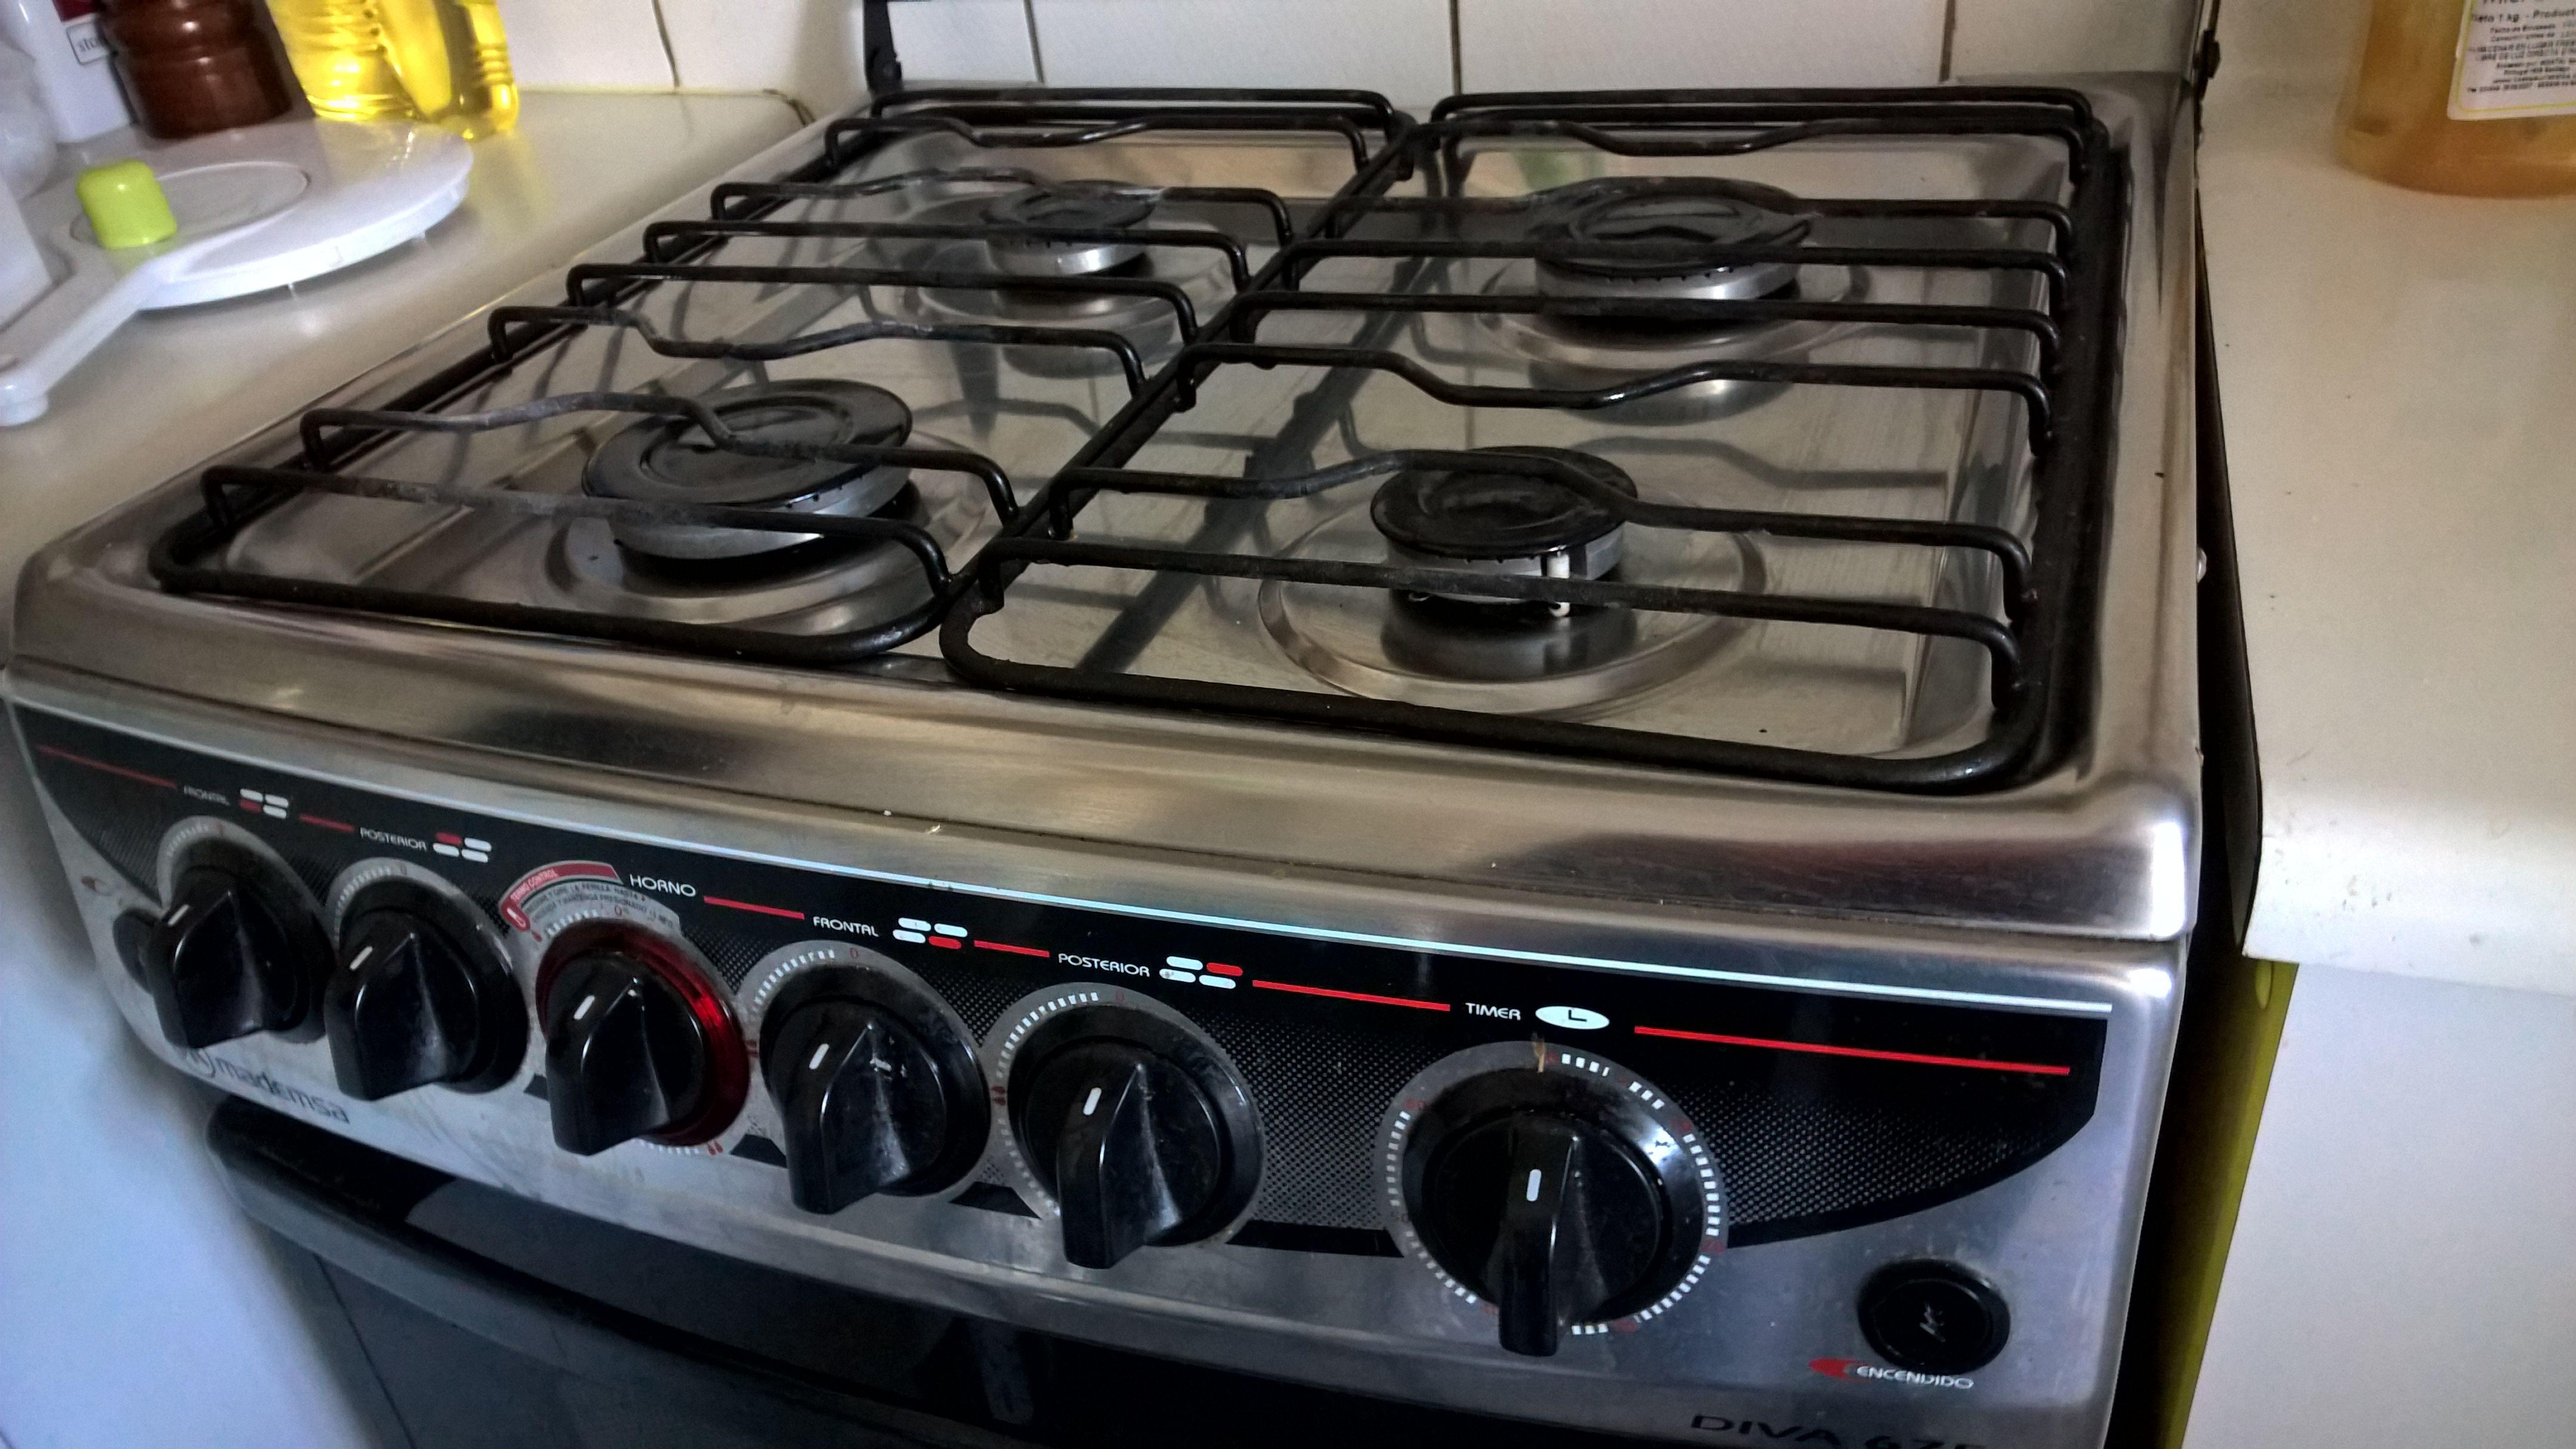 50 000 Cocina Mademsa 4 Quemadores Chispero Electrico Luz En Horno Con Injectores De Gas Natural Meme Cocinas Chispero Quemadores